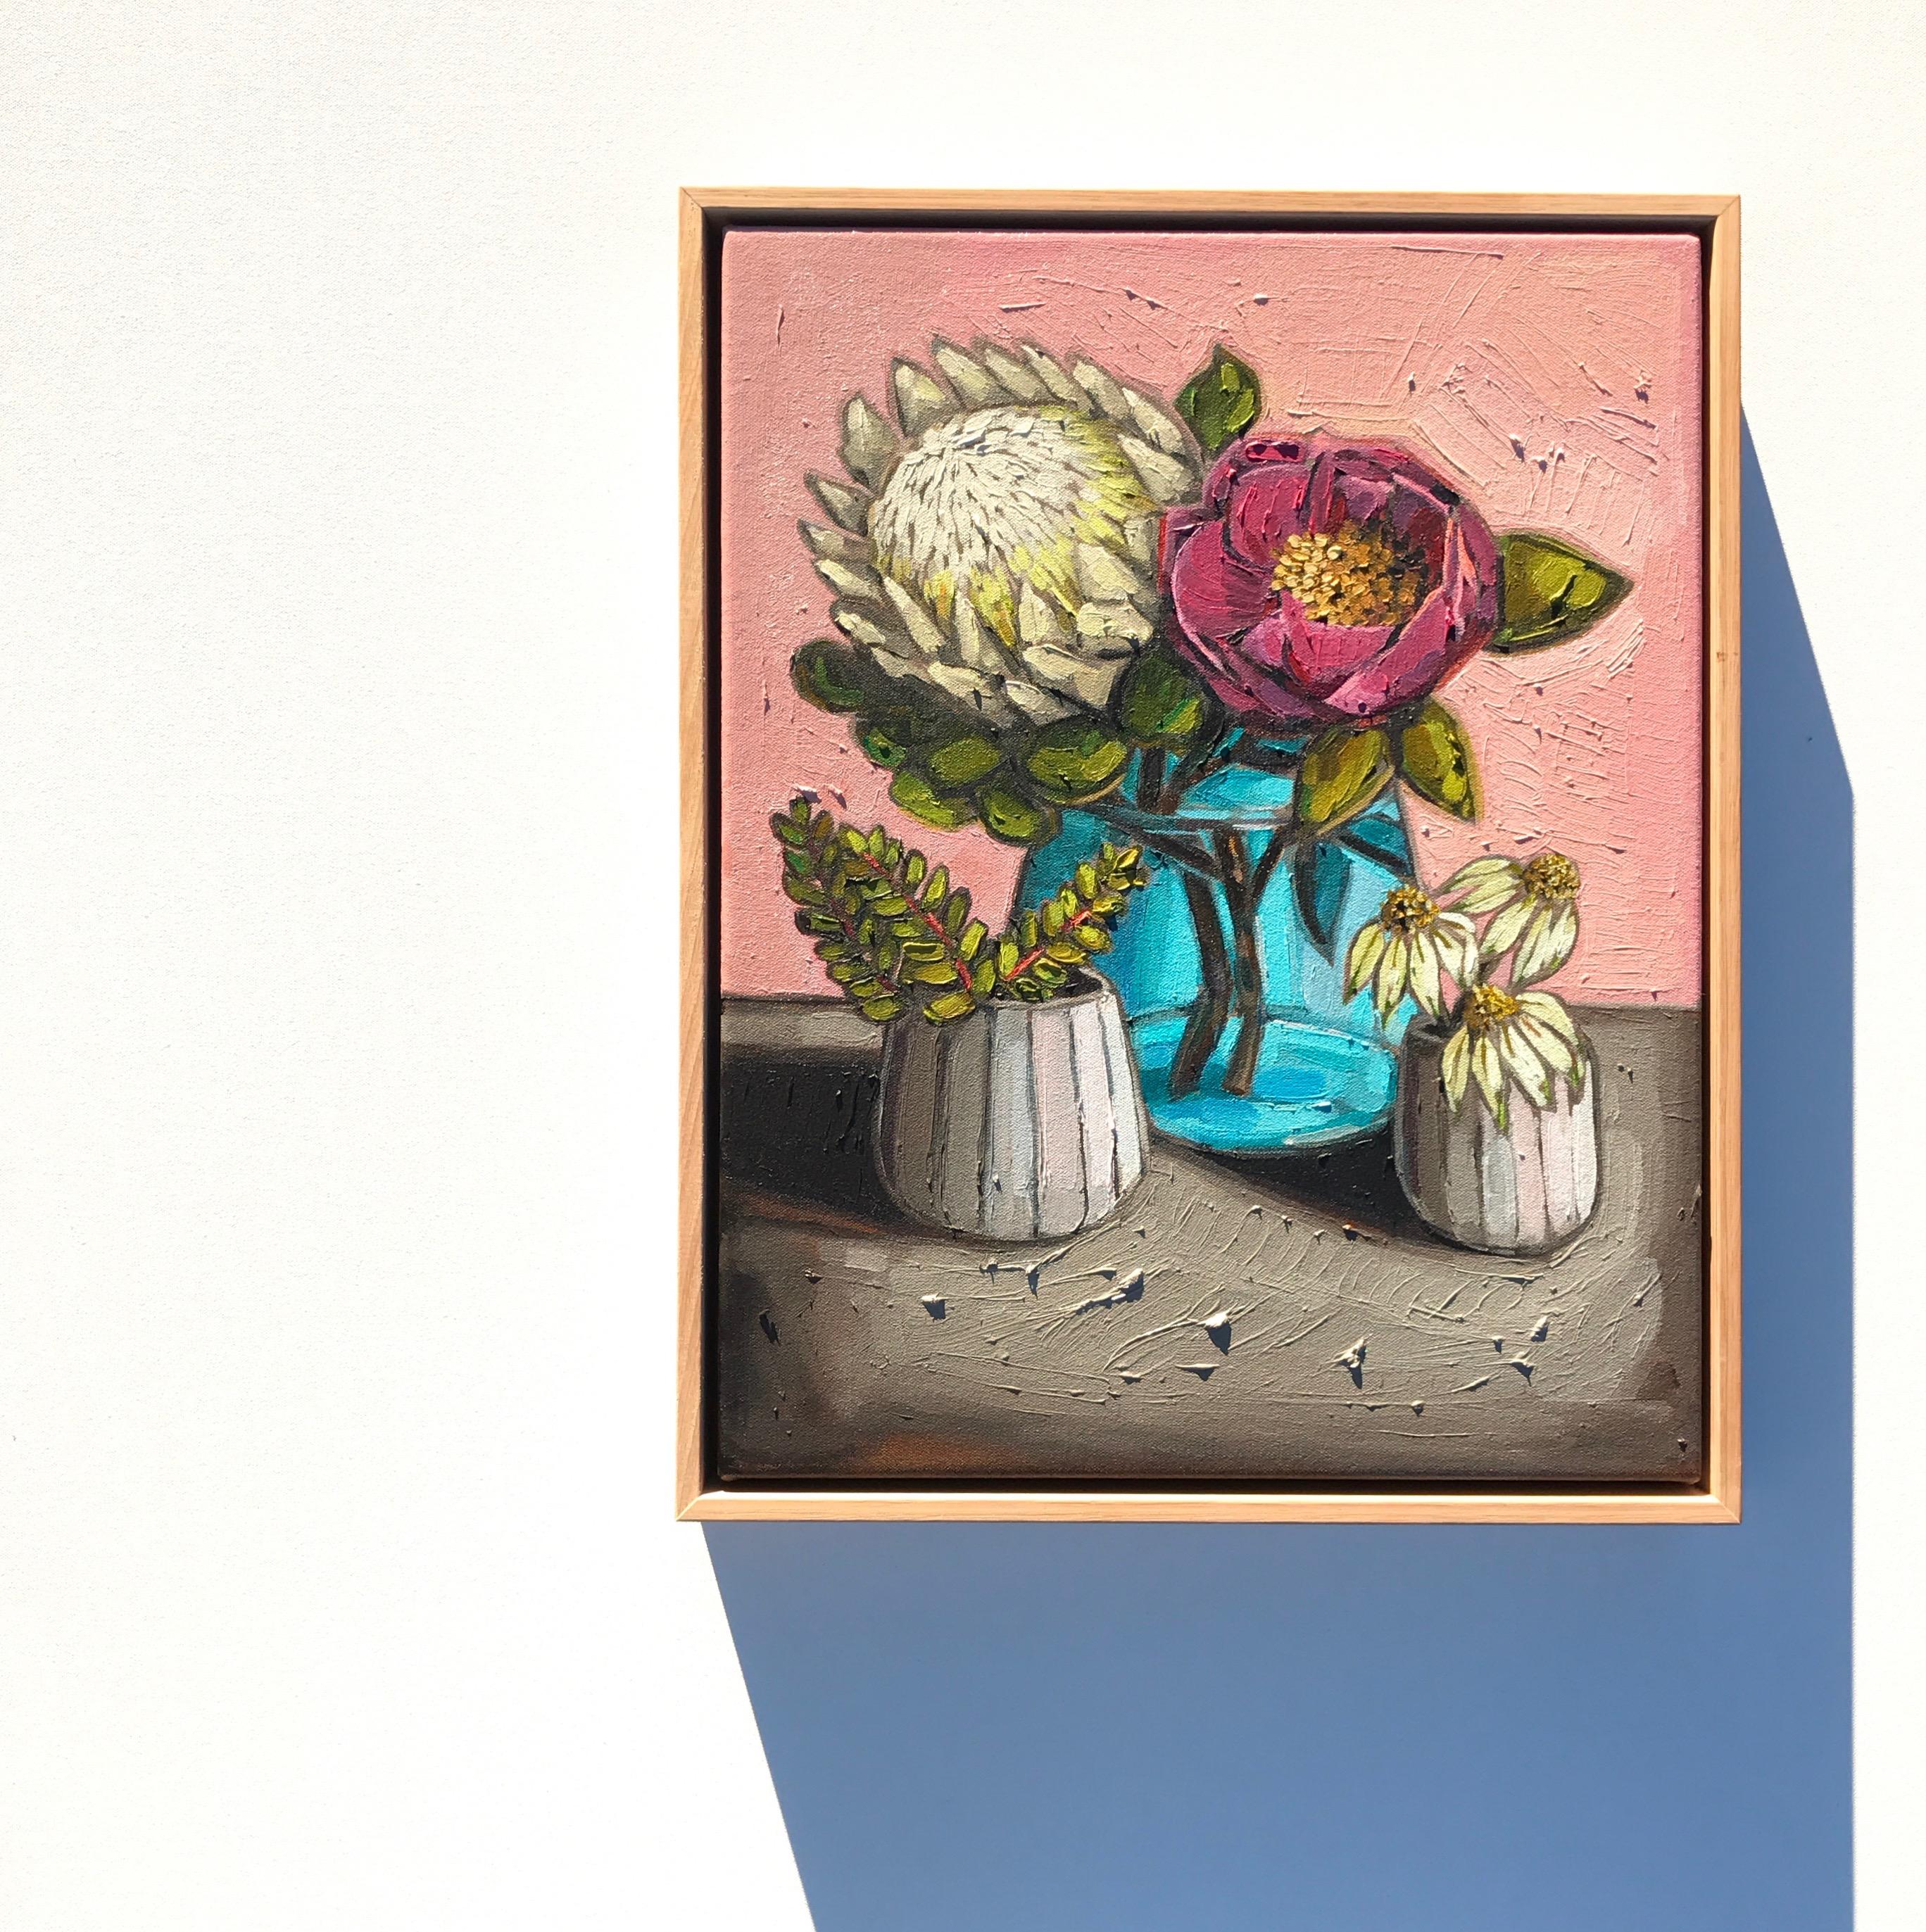 04_17 Commission (Daley) 40x50cm